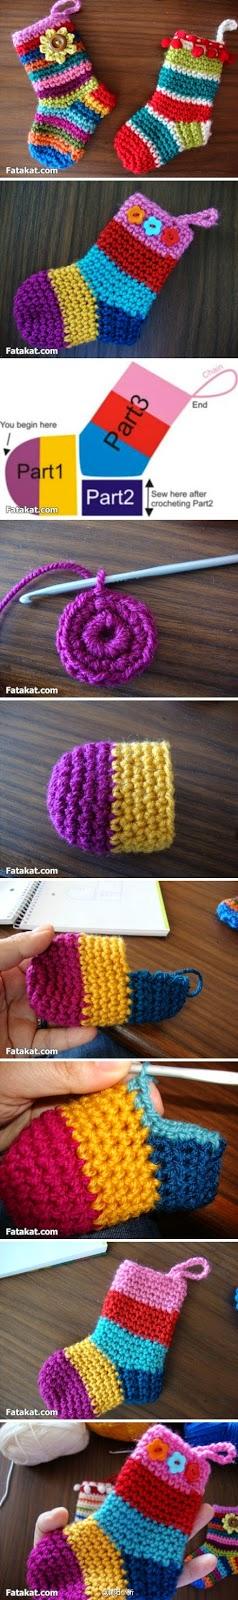 Botas decorativas multicolores al crochet